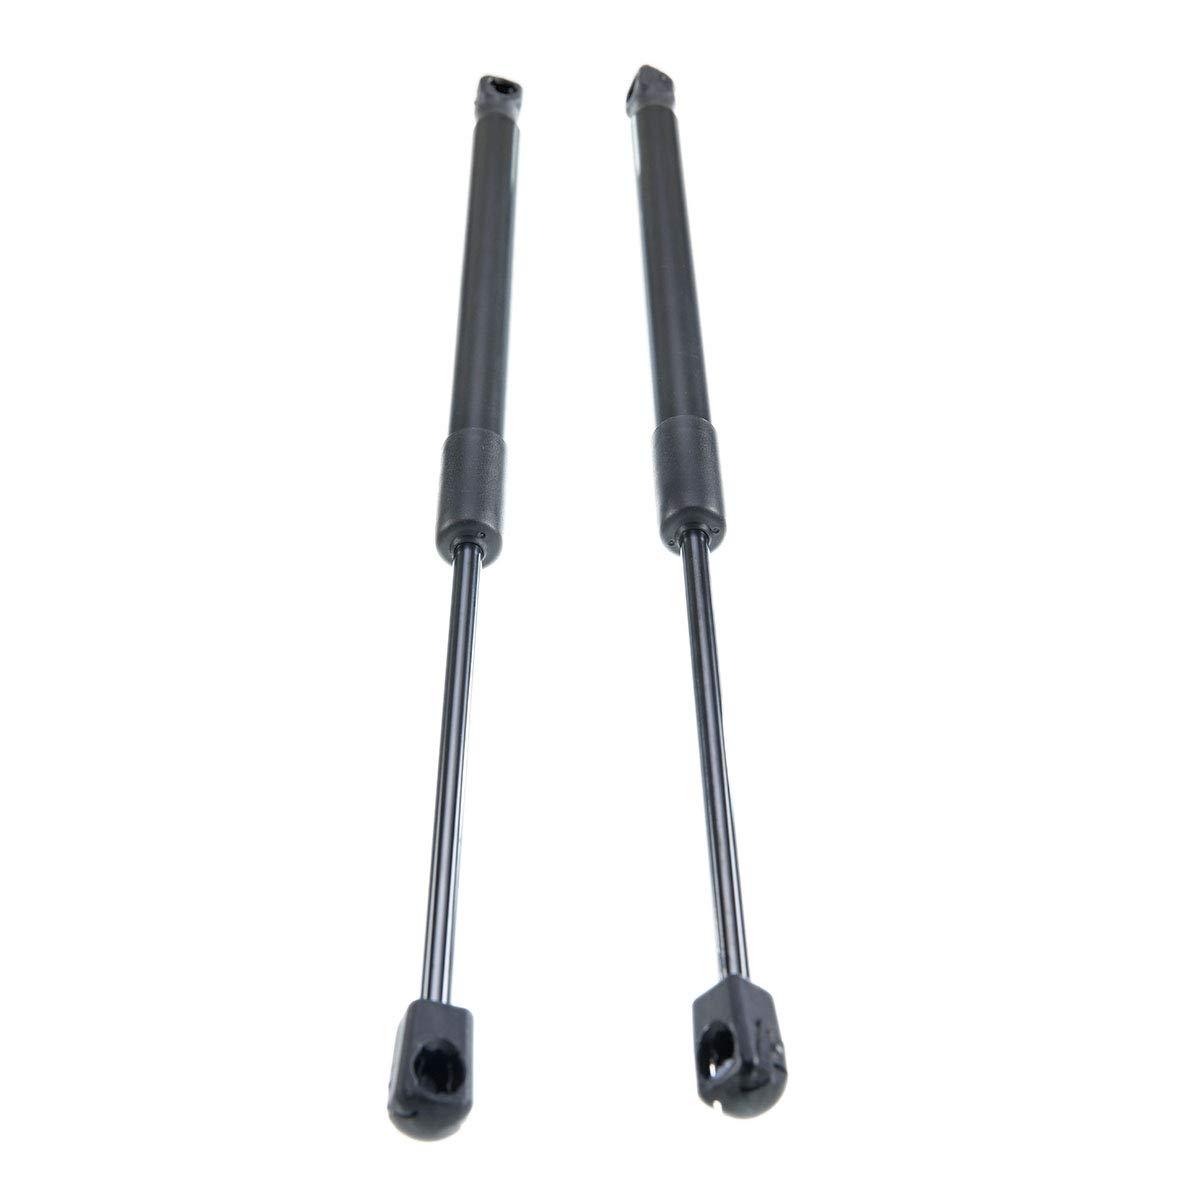 2 amortiguadores de gas para maletero para Mini Cooper R58 R58 2010-2015 51242758742